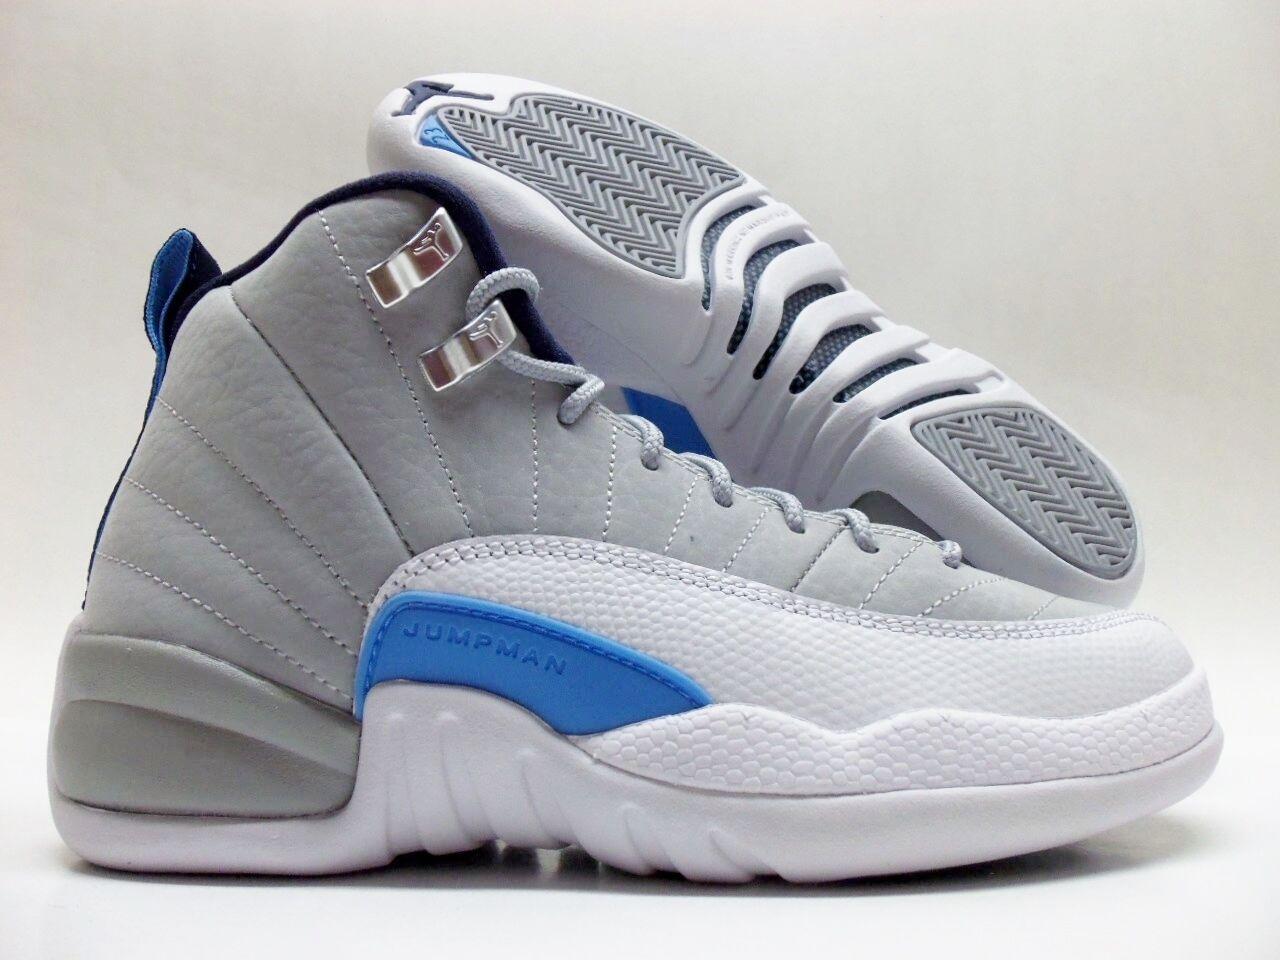 Nike air jordan 12 xii lupo grigio / bianco retrò bg dimensioni / donne 5 [153265-007]